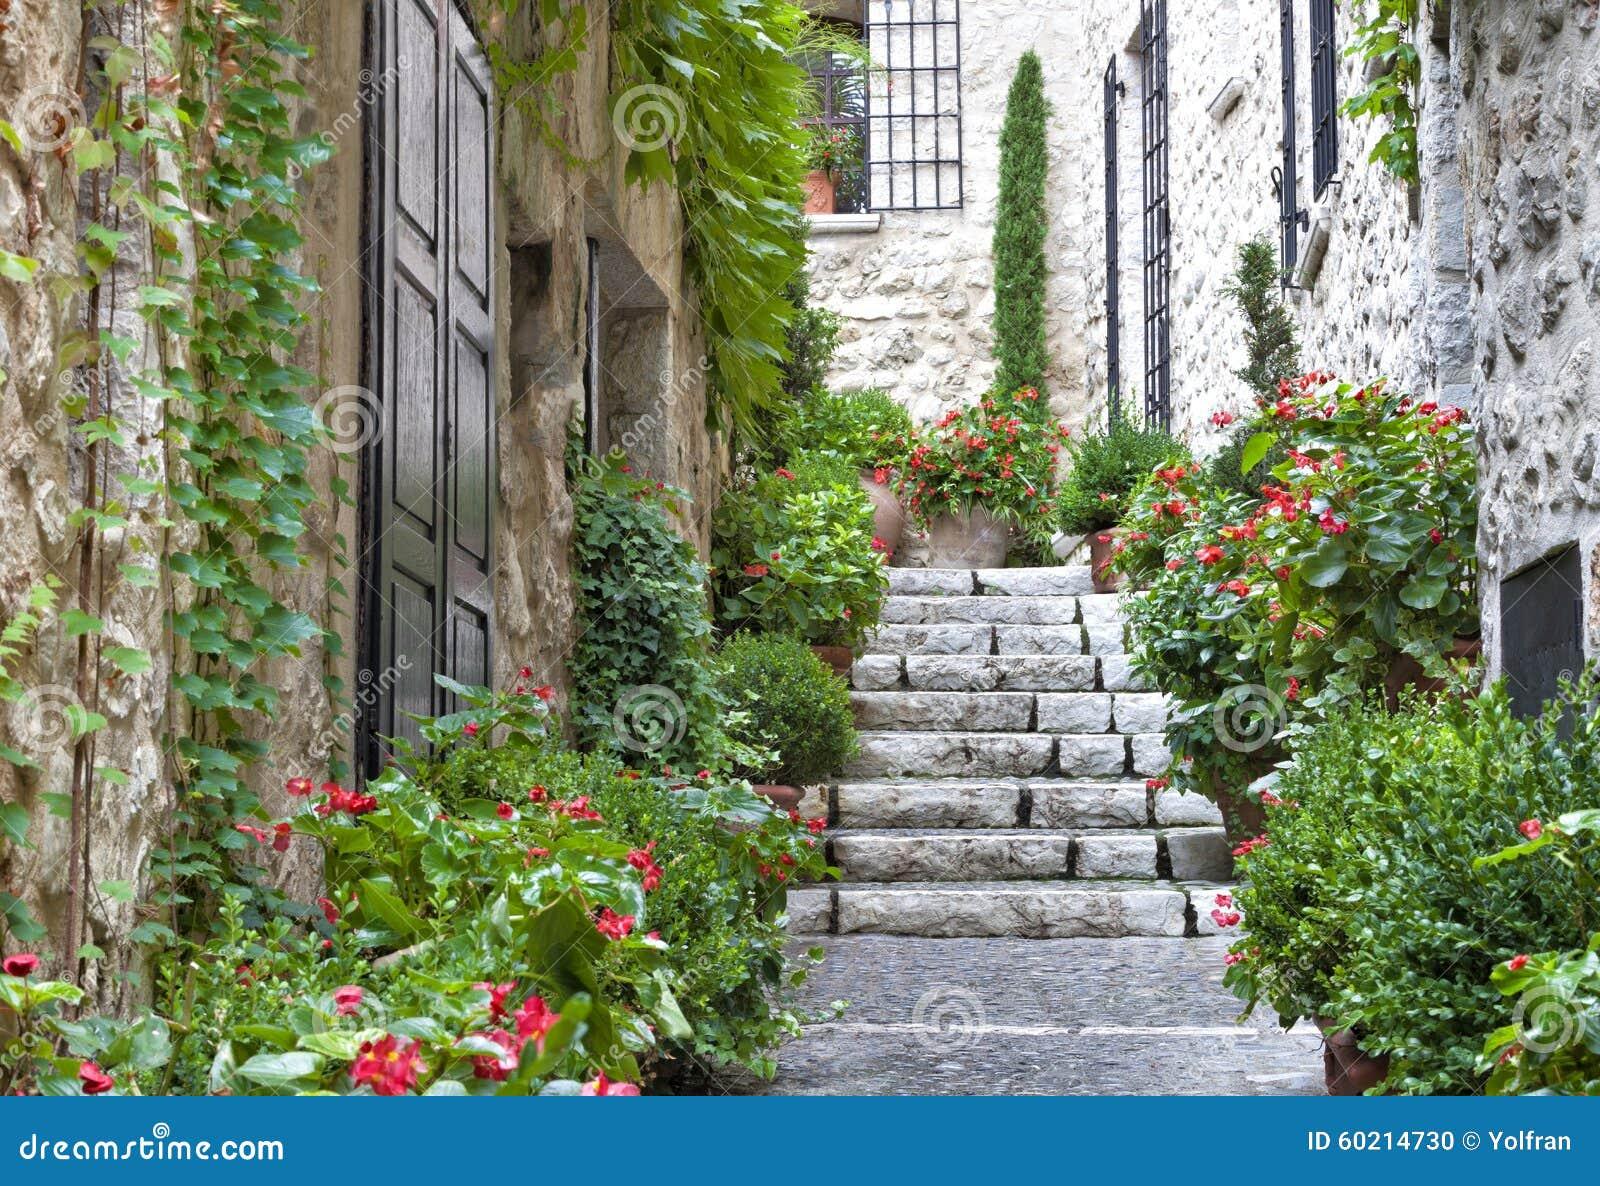 Escalier gris dans la vieille maison en pierre de village avec des usines de jardin photo stock - Escalier de jardin en pierre ...